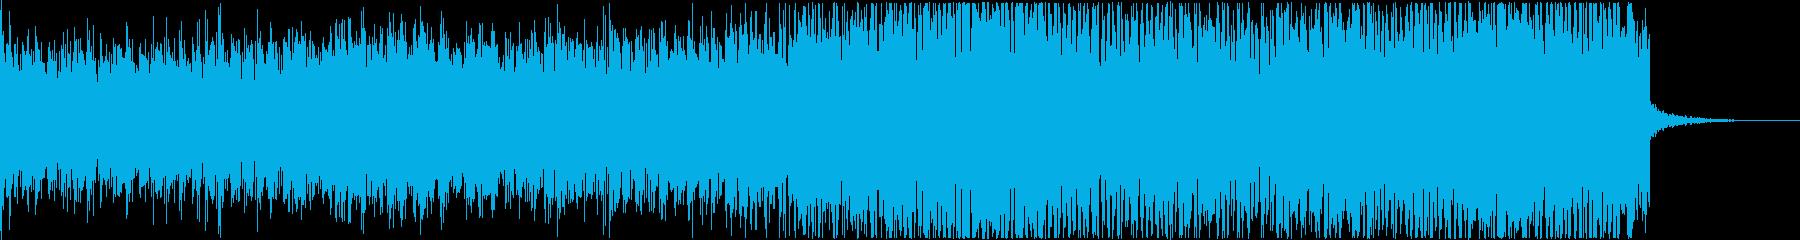 不気味な雰囲気の再生済みの波形